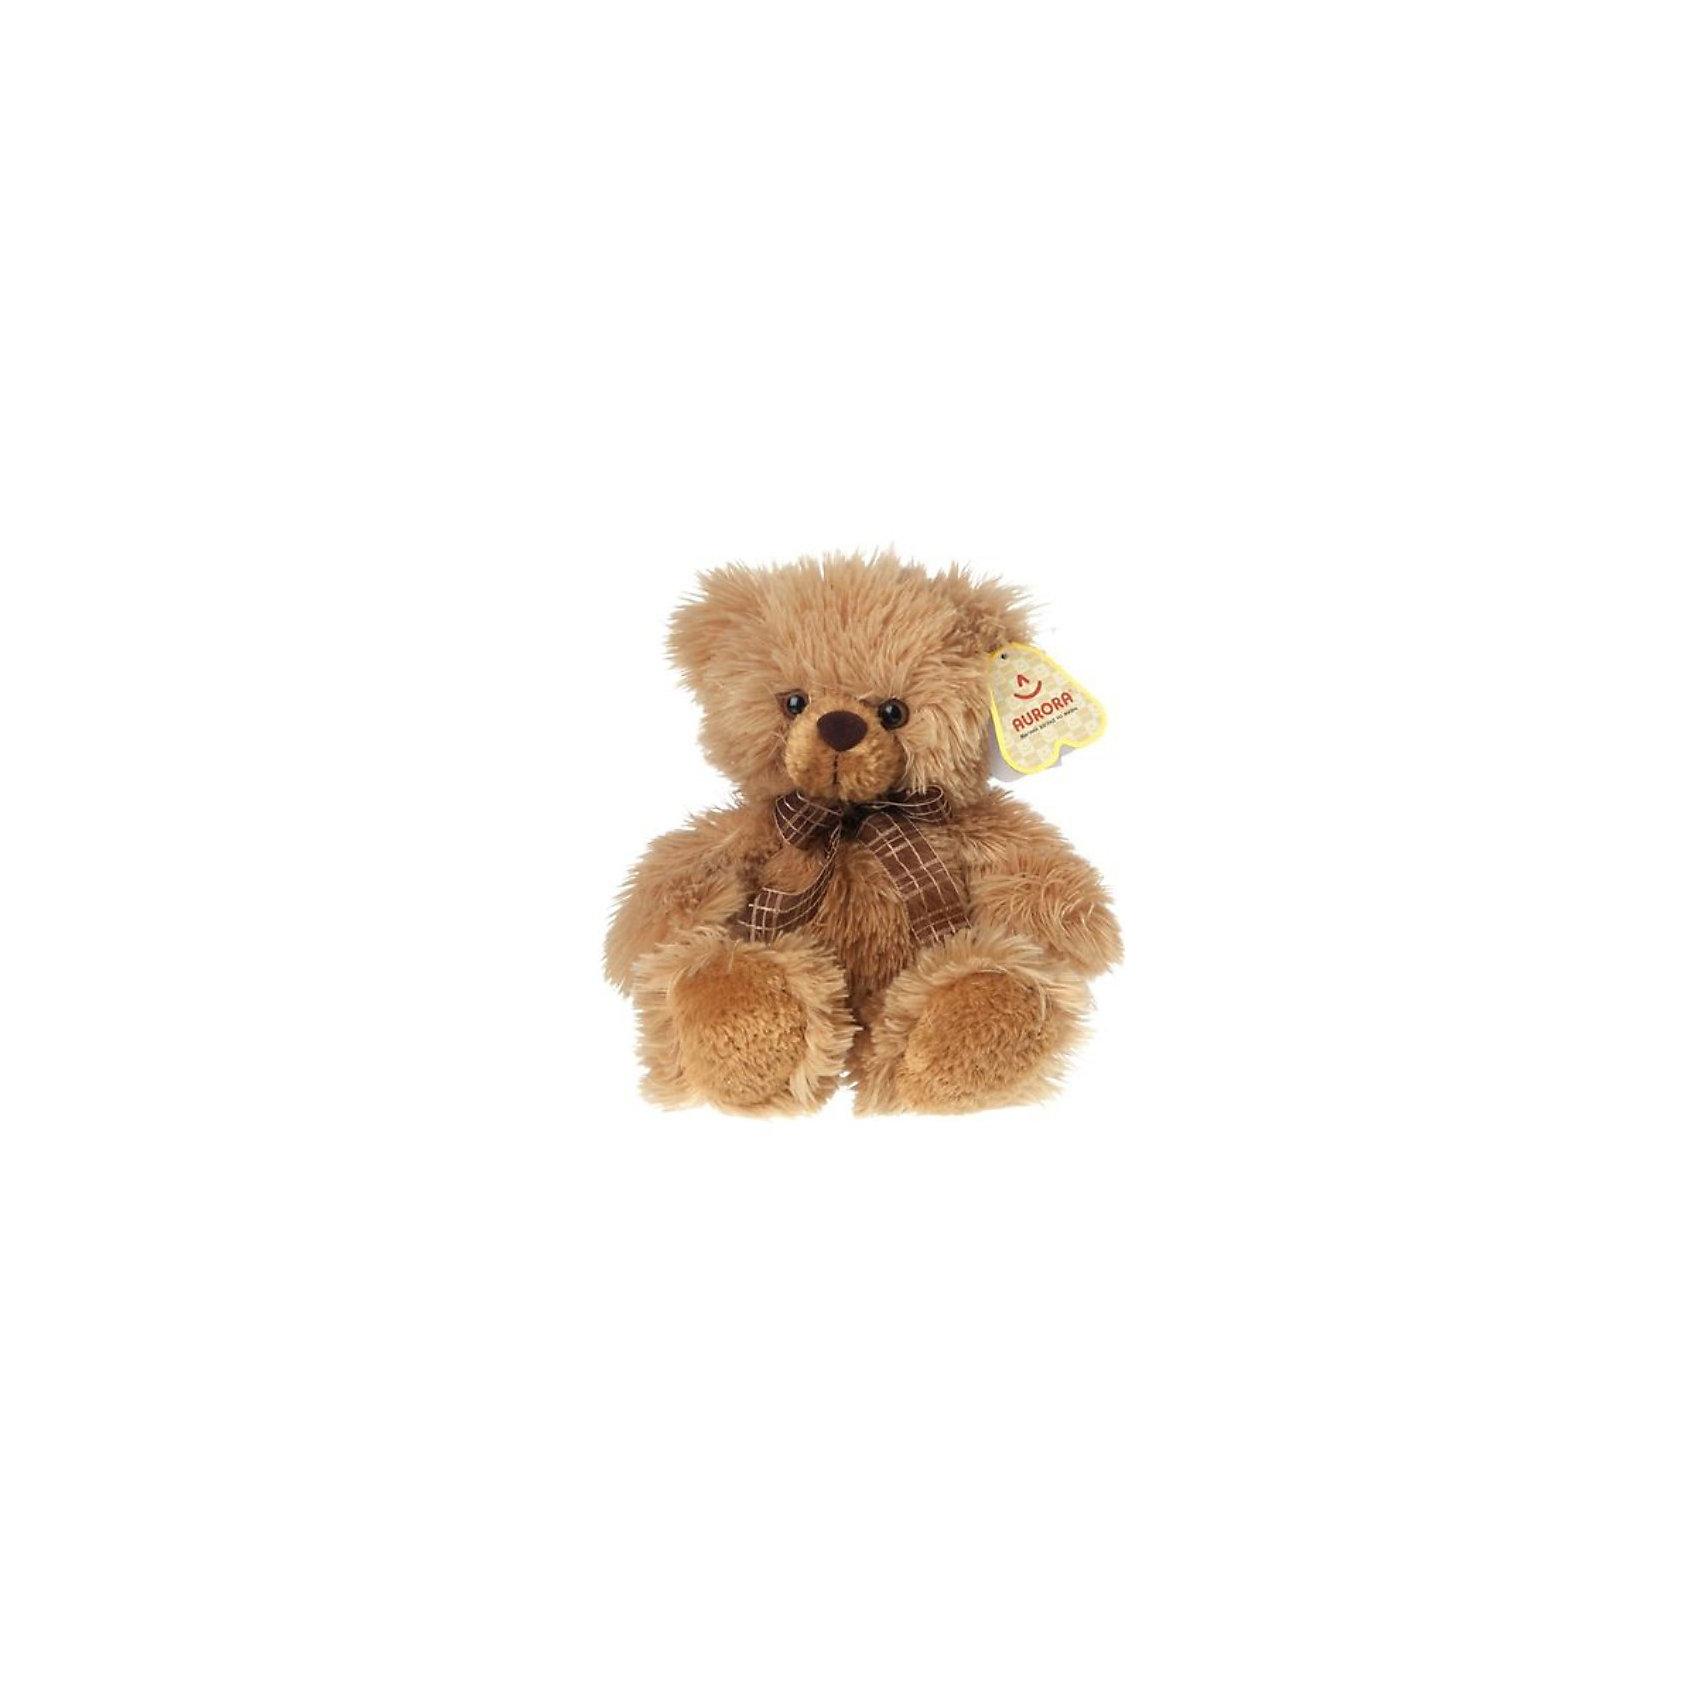 AURORA AURORA Мягкая игрушка Медведь, 46 см aurora 11 355 аврора медведь 56 см